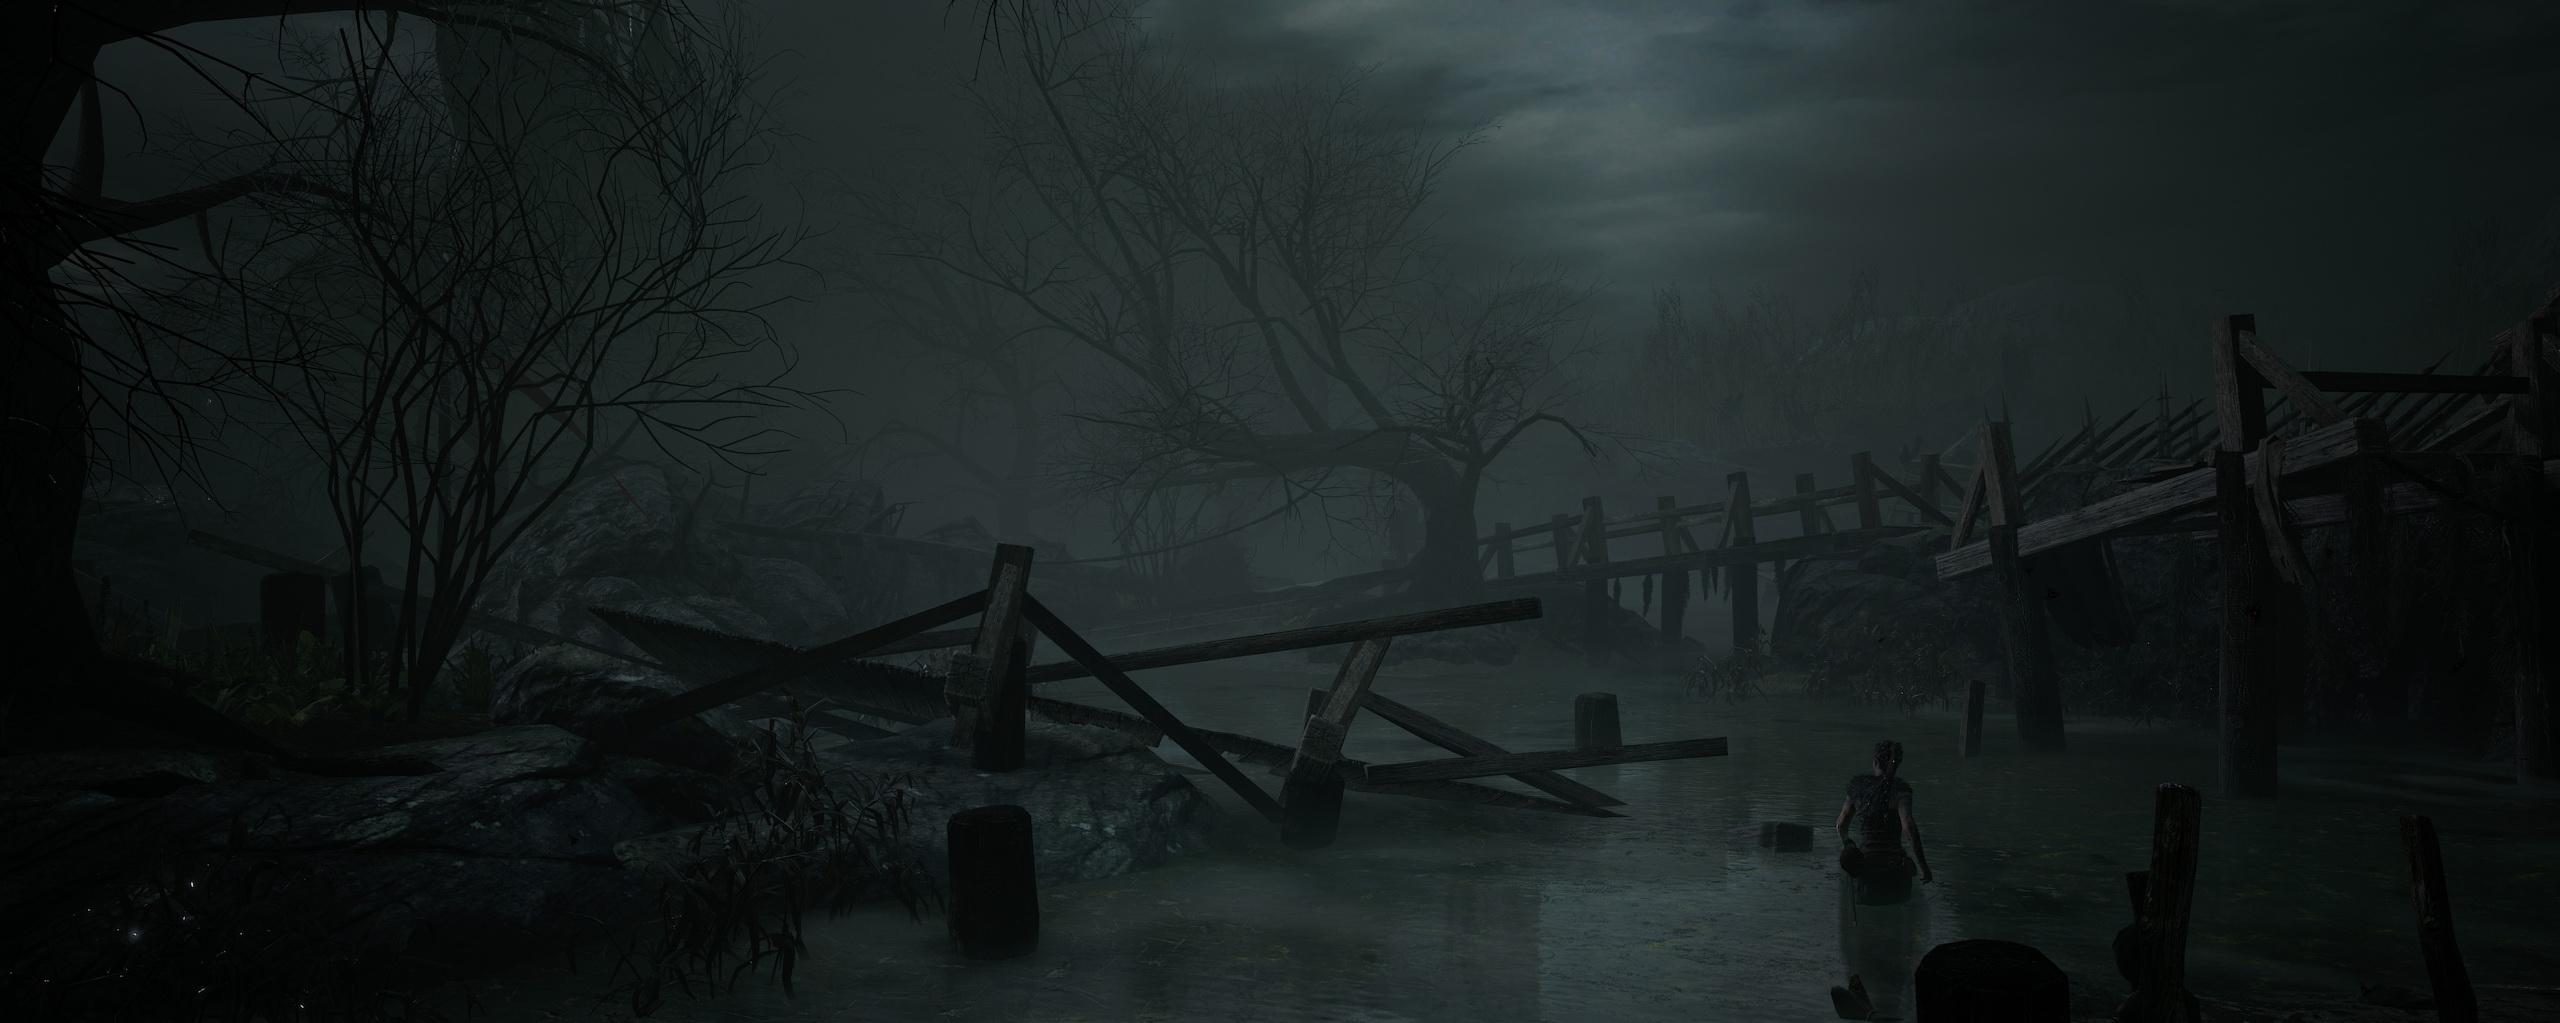 Hellblade: Senua's Sacrifice, кадр № 29